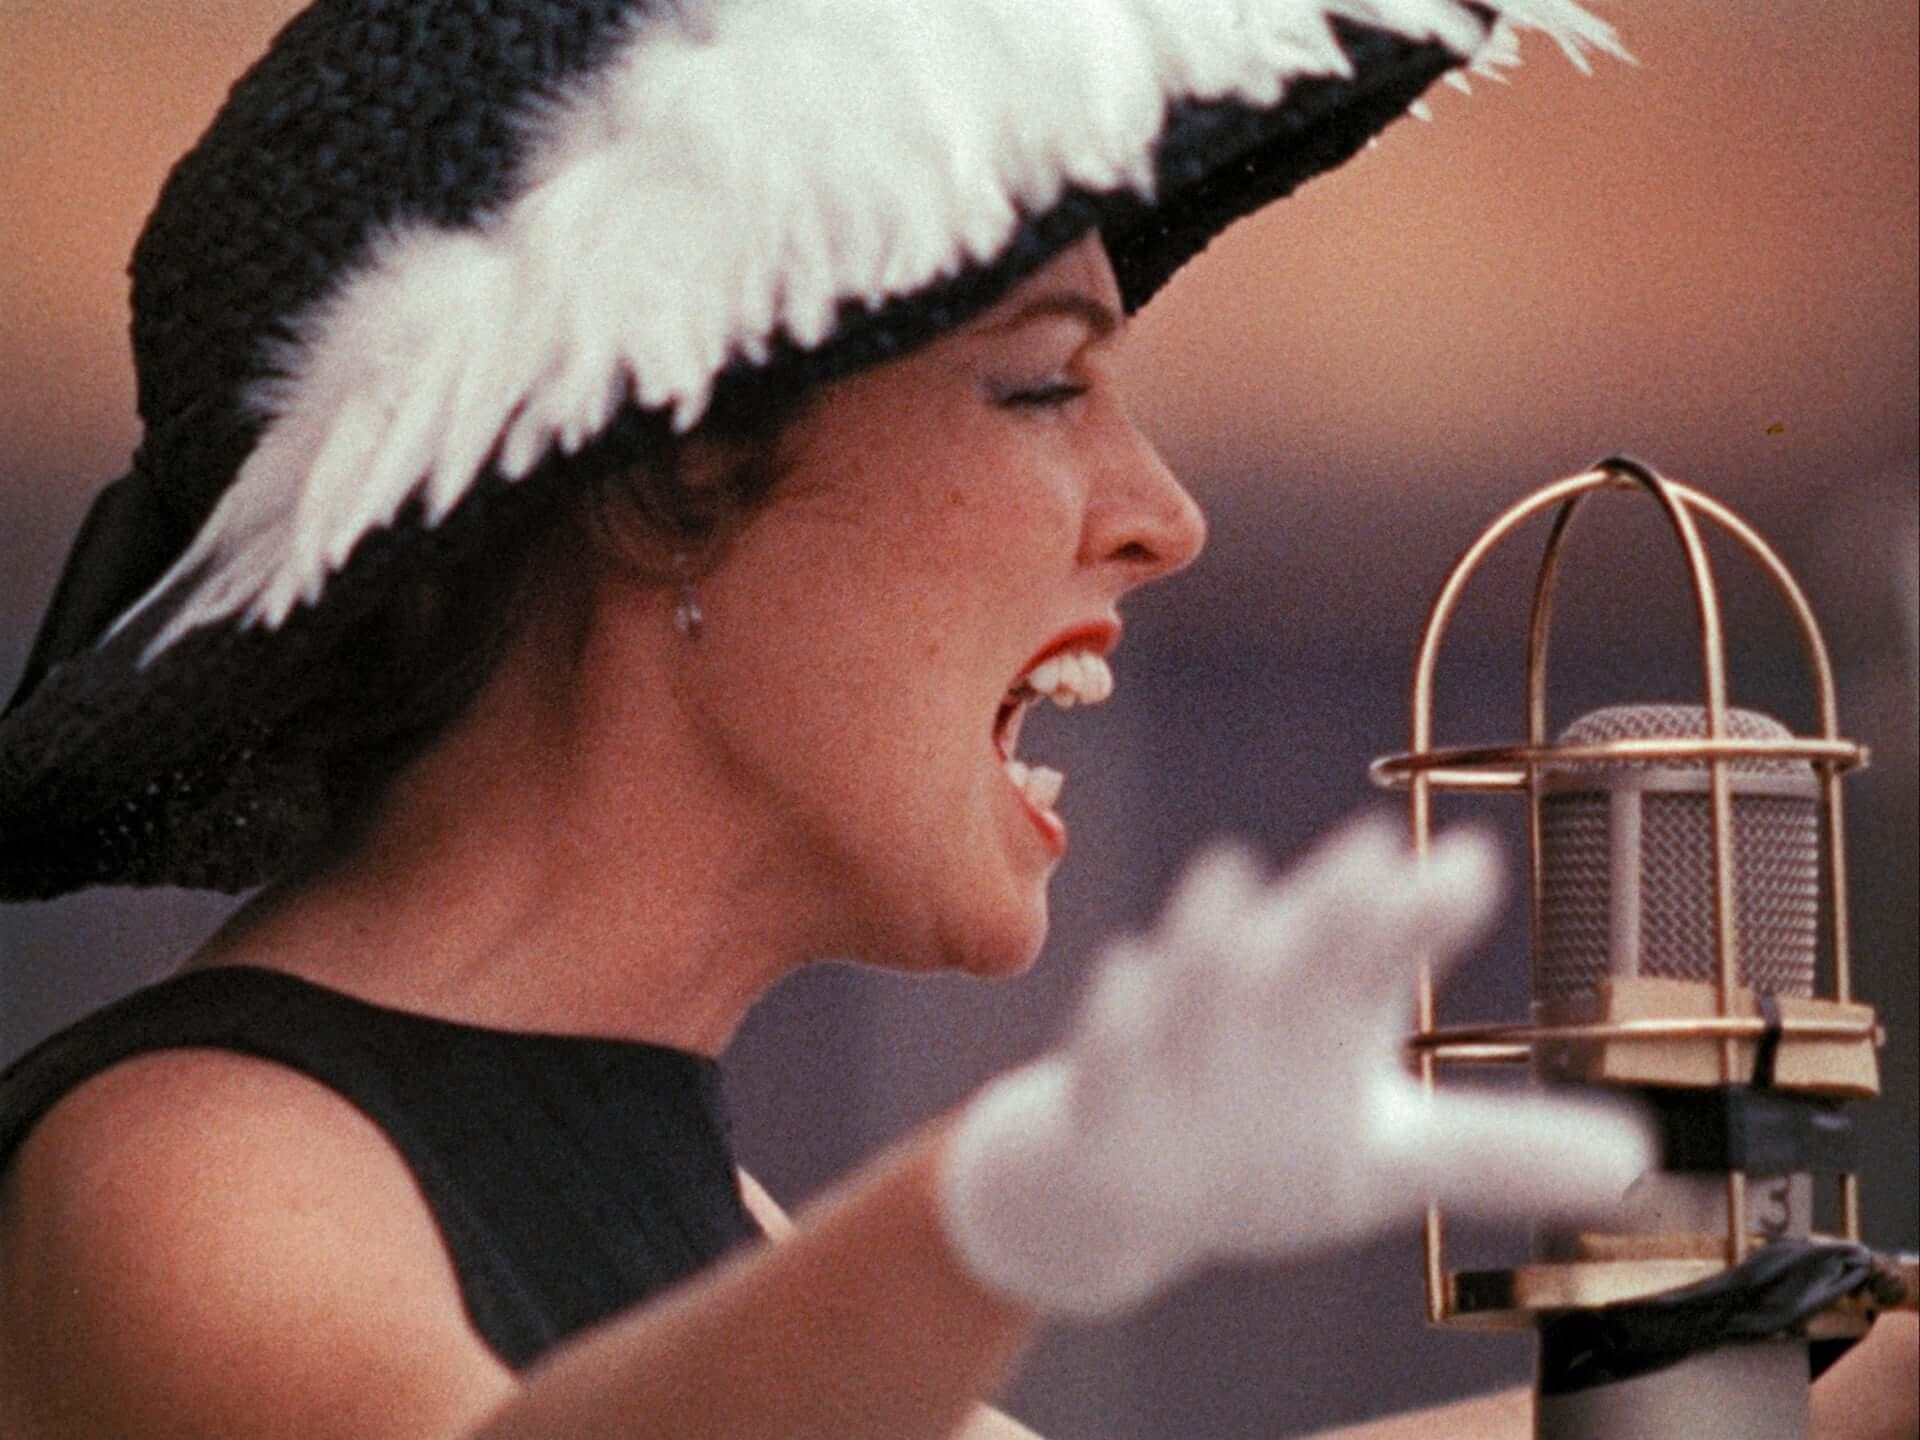 ルイ・アームストロング、チャック・ベリーも登場!米最大級のフェスを追った『真夏の夜のジャズ』4K版の予告編が解禁&セットリストも紹介 film200716_jazz4k_3-1920x1440